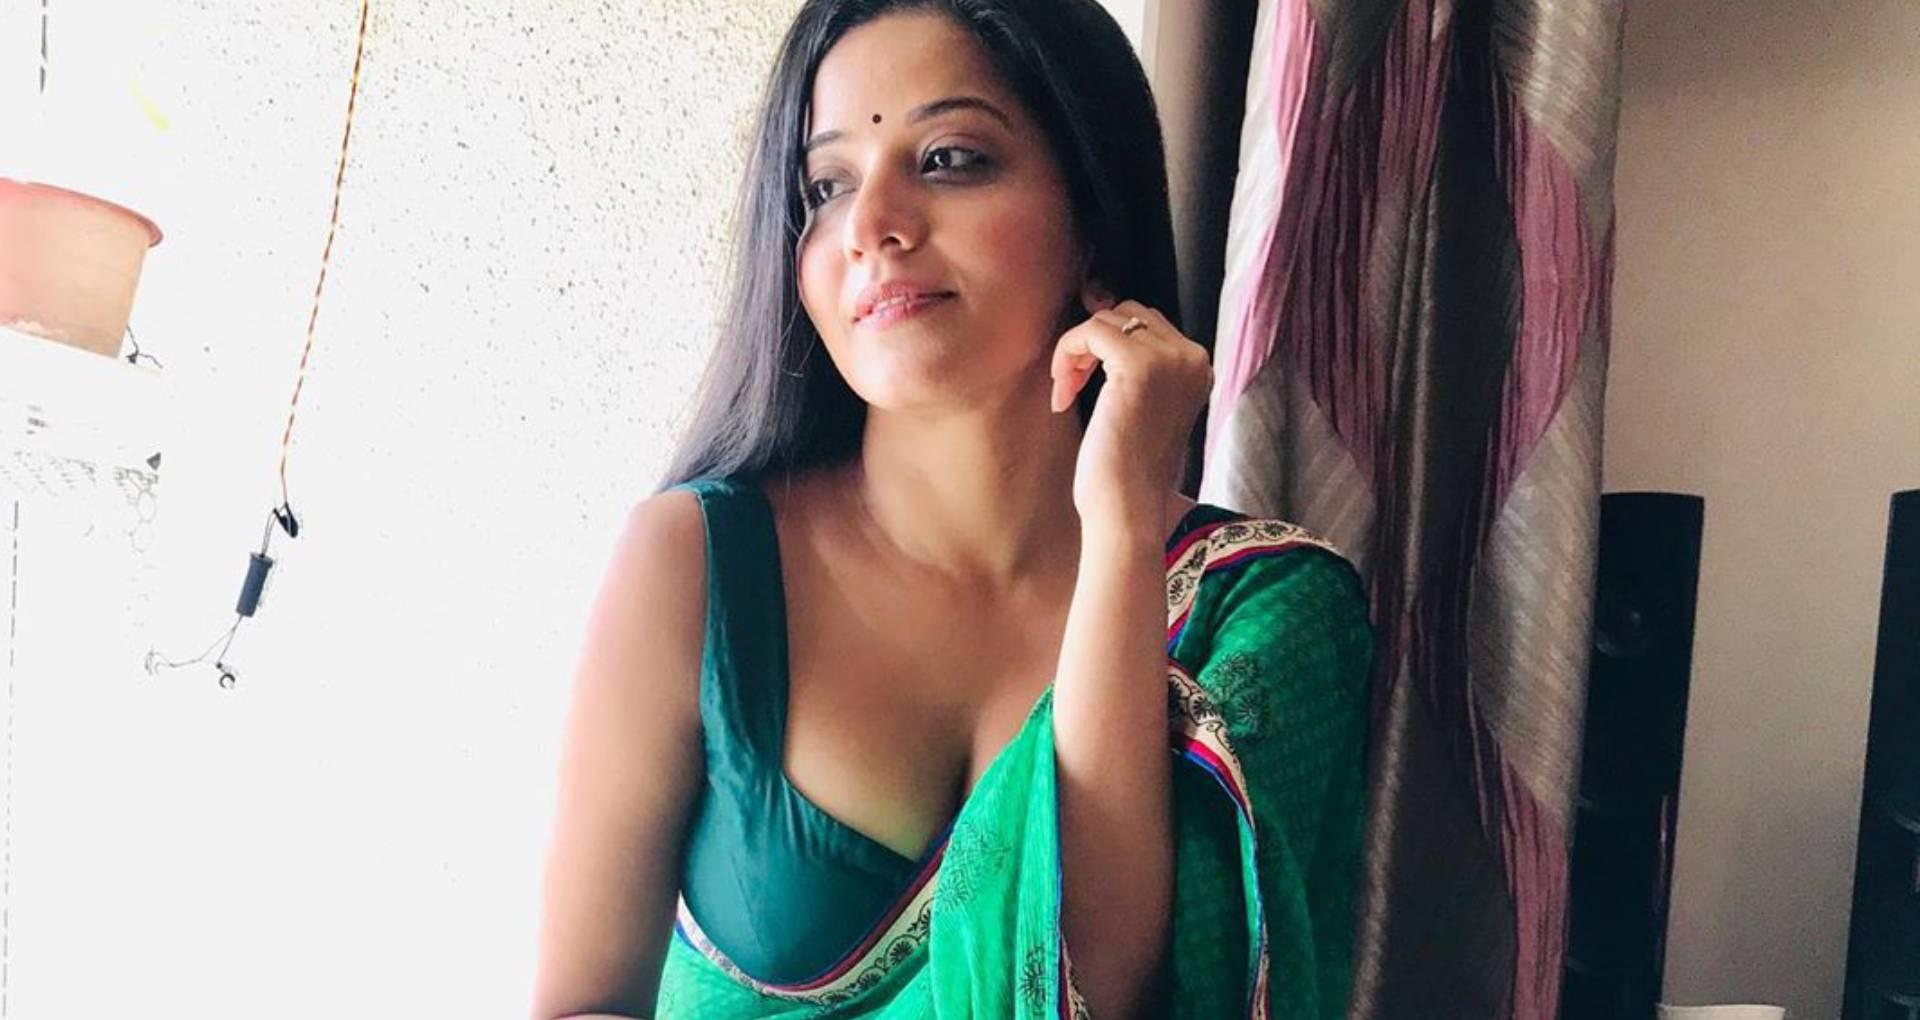 Monalisa Hot Photos: भोजपुरी अभिनेत्री मोनालिसा का हॉट फोटो सोशल मीडिया पर हो रहा है वायरल, देखें तस्वीर